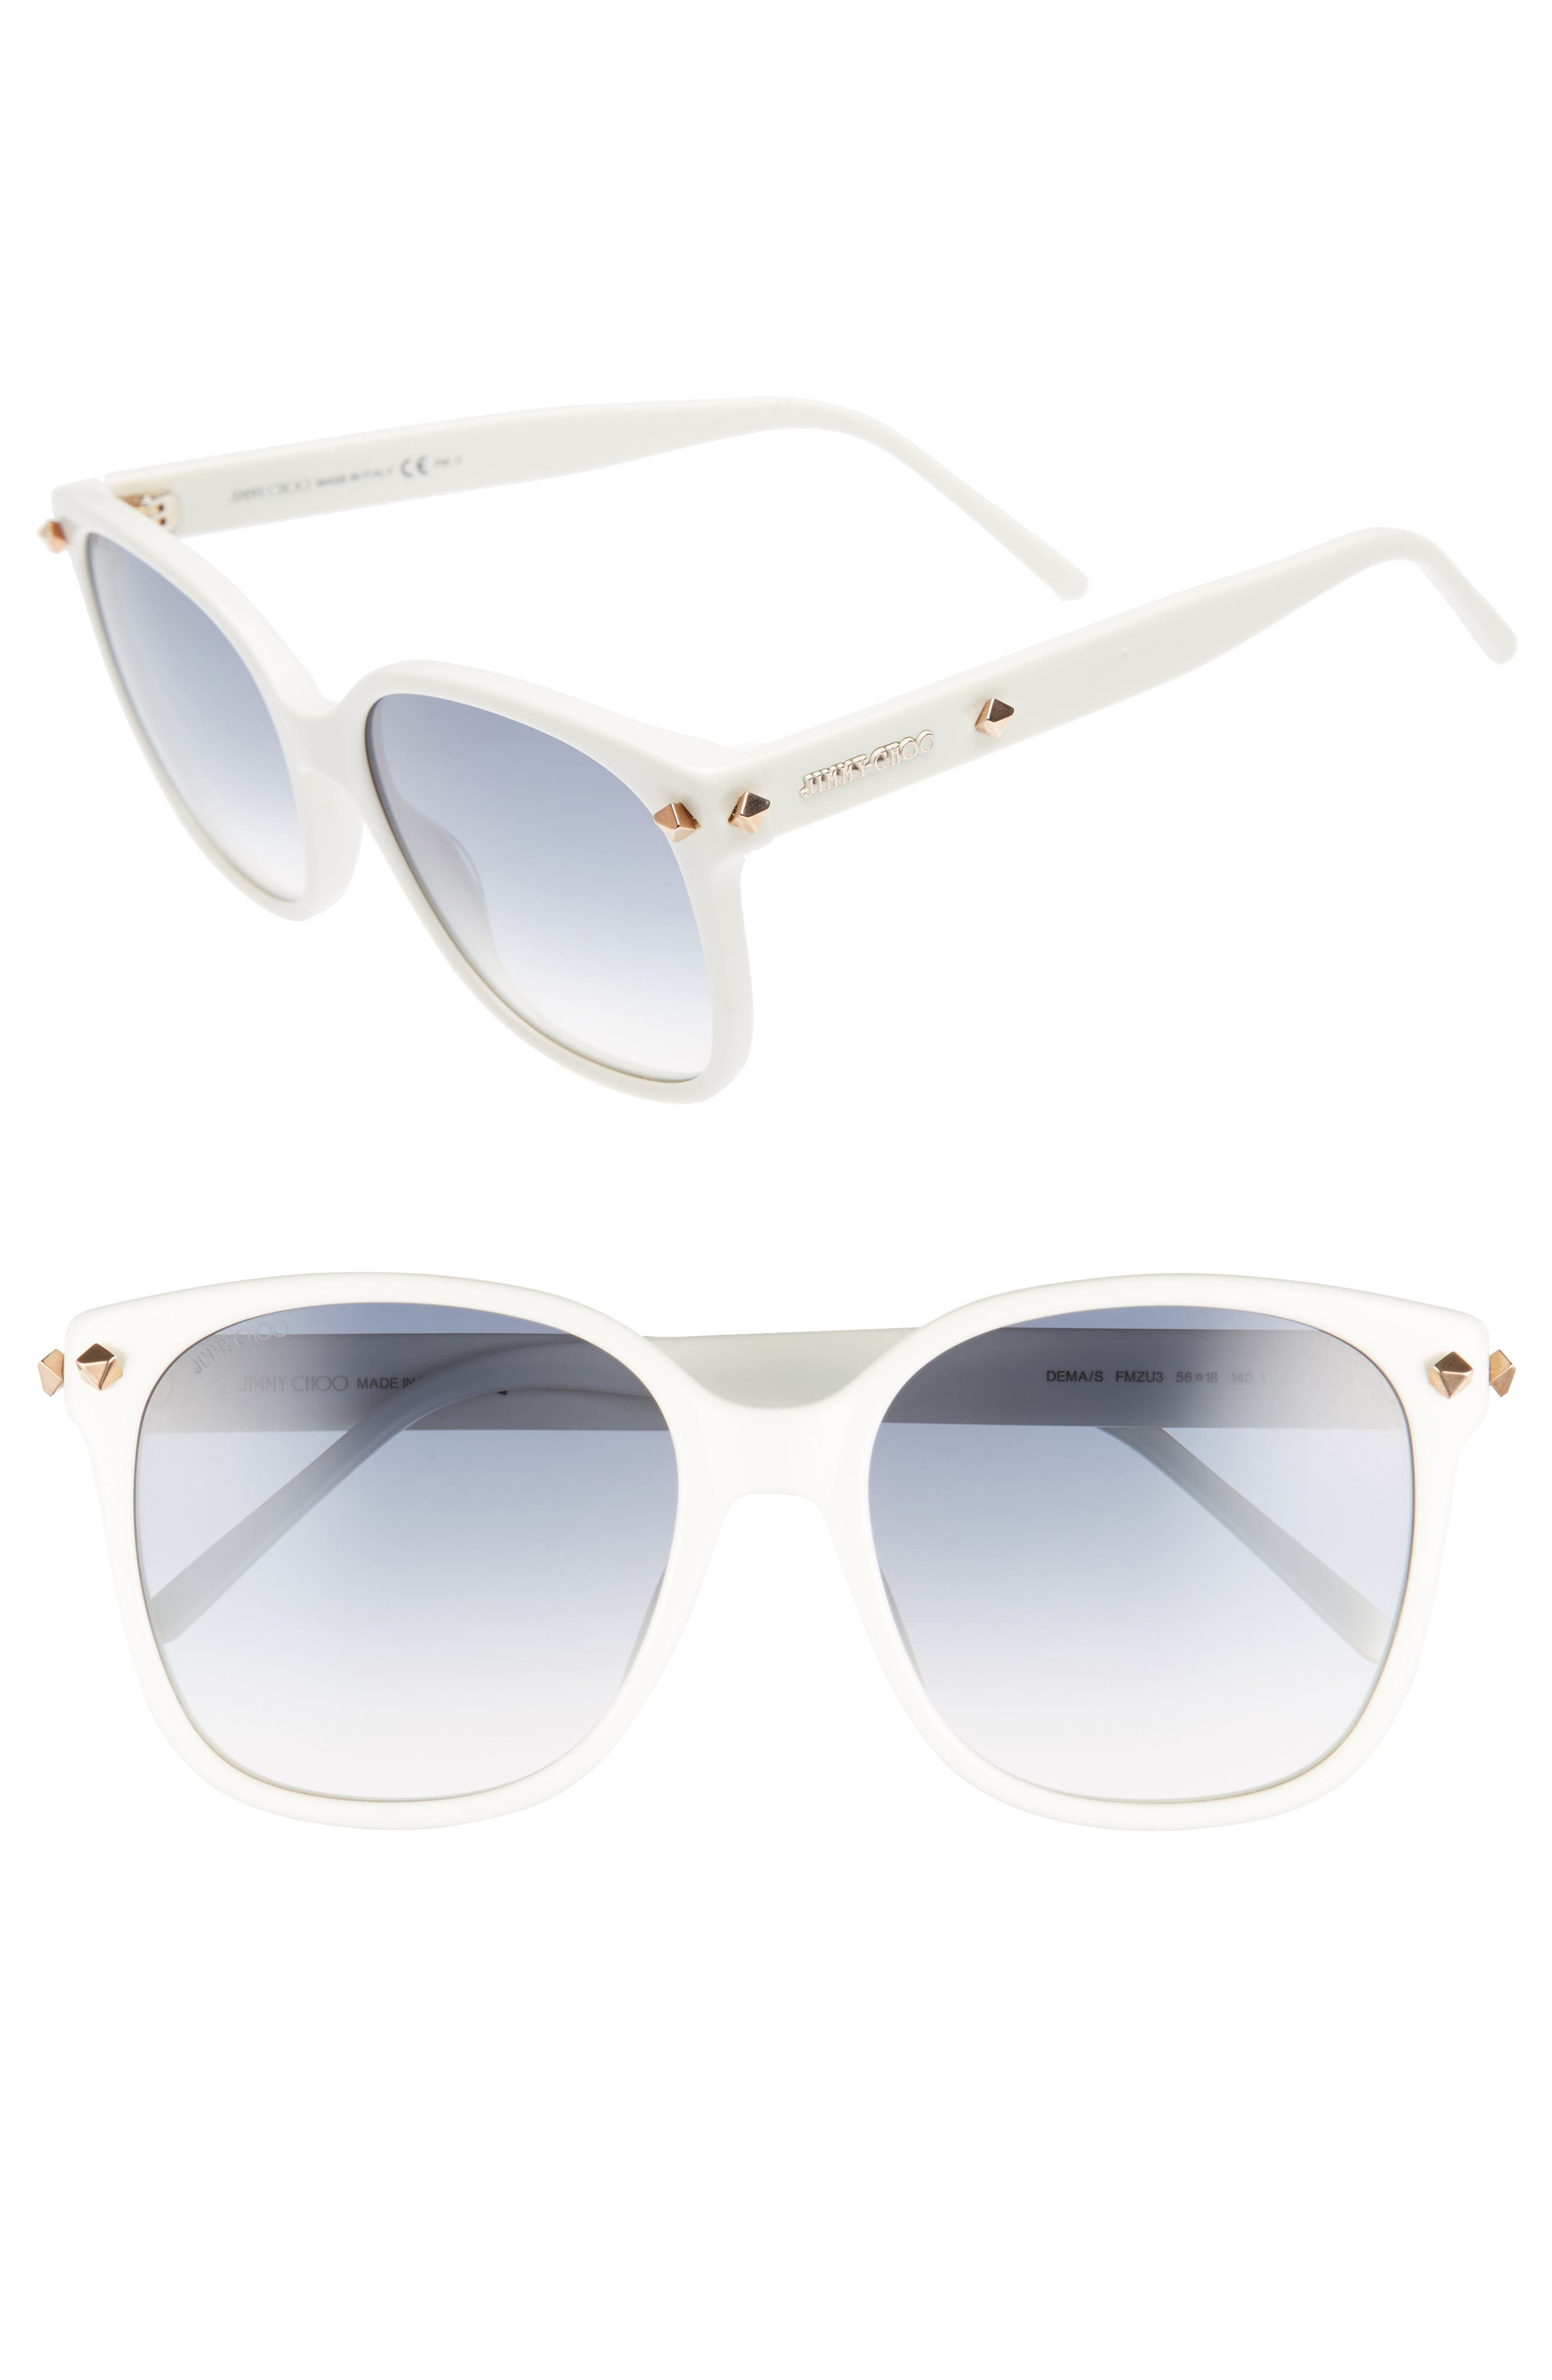 Main Image - Jimmy Choo Demas 56mm Sunglasses